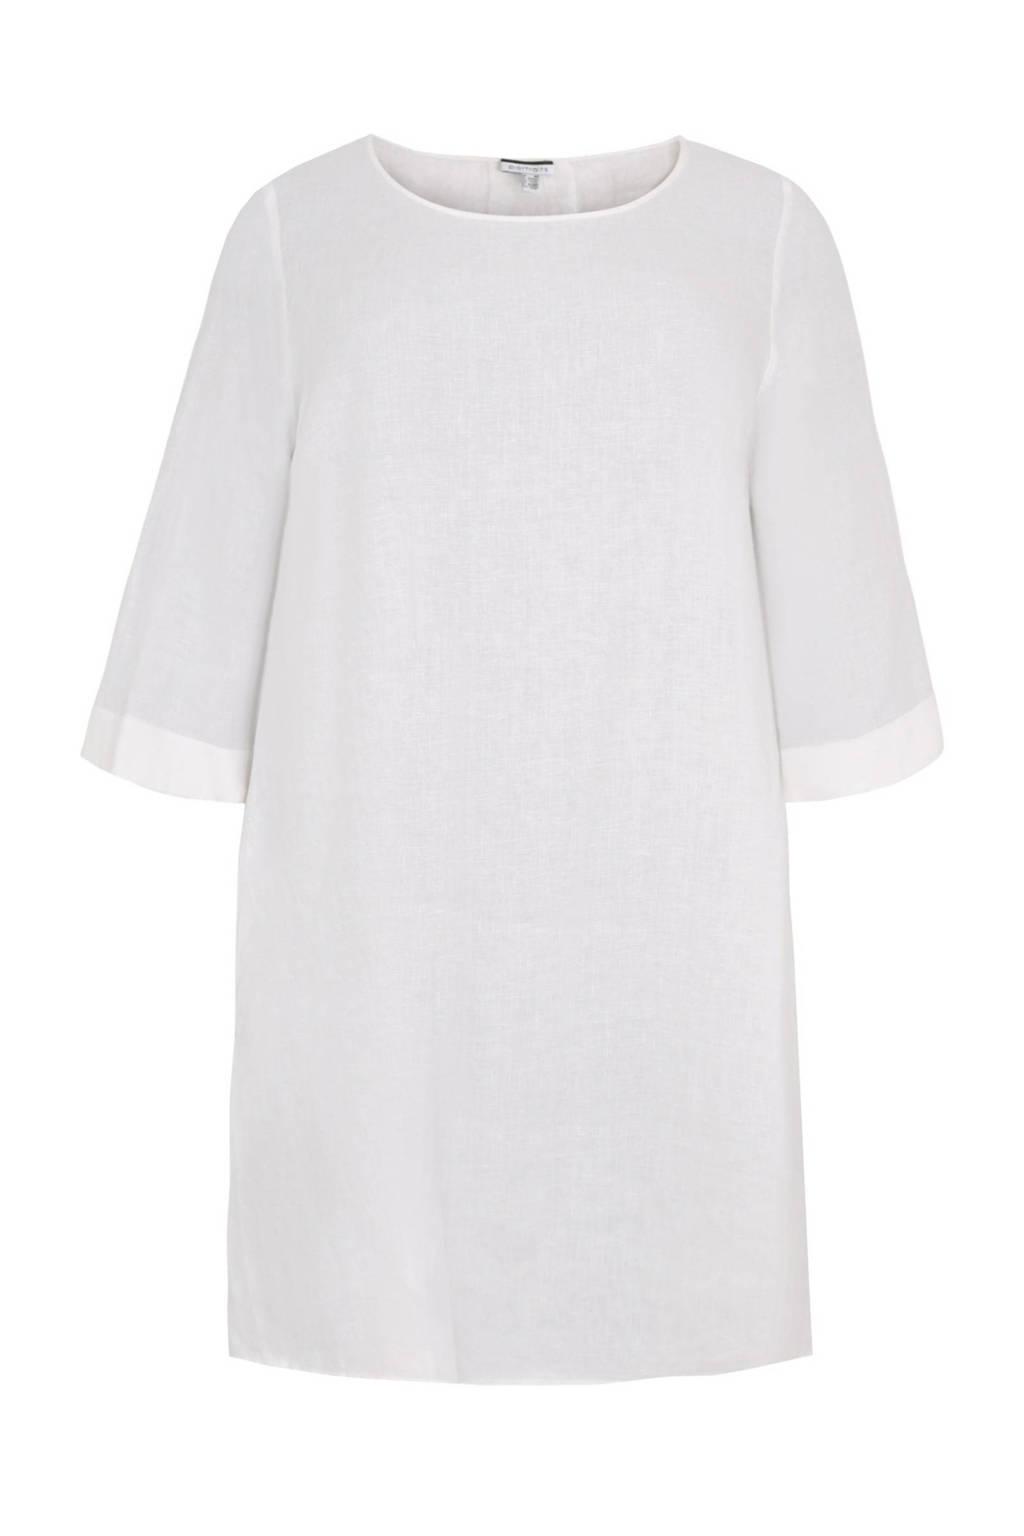 Yoek jurk wit, Wit